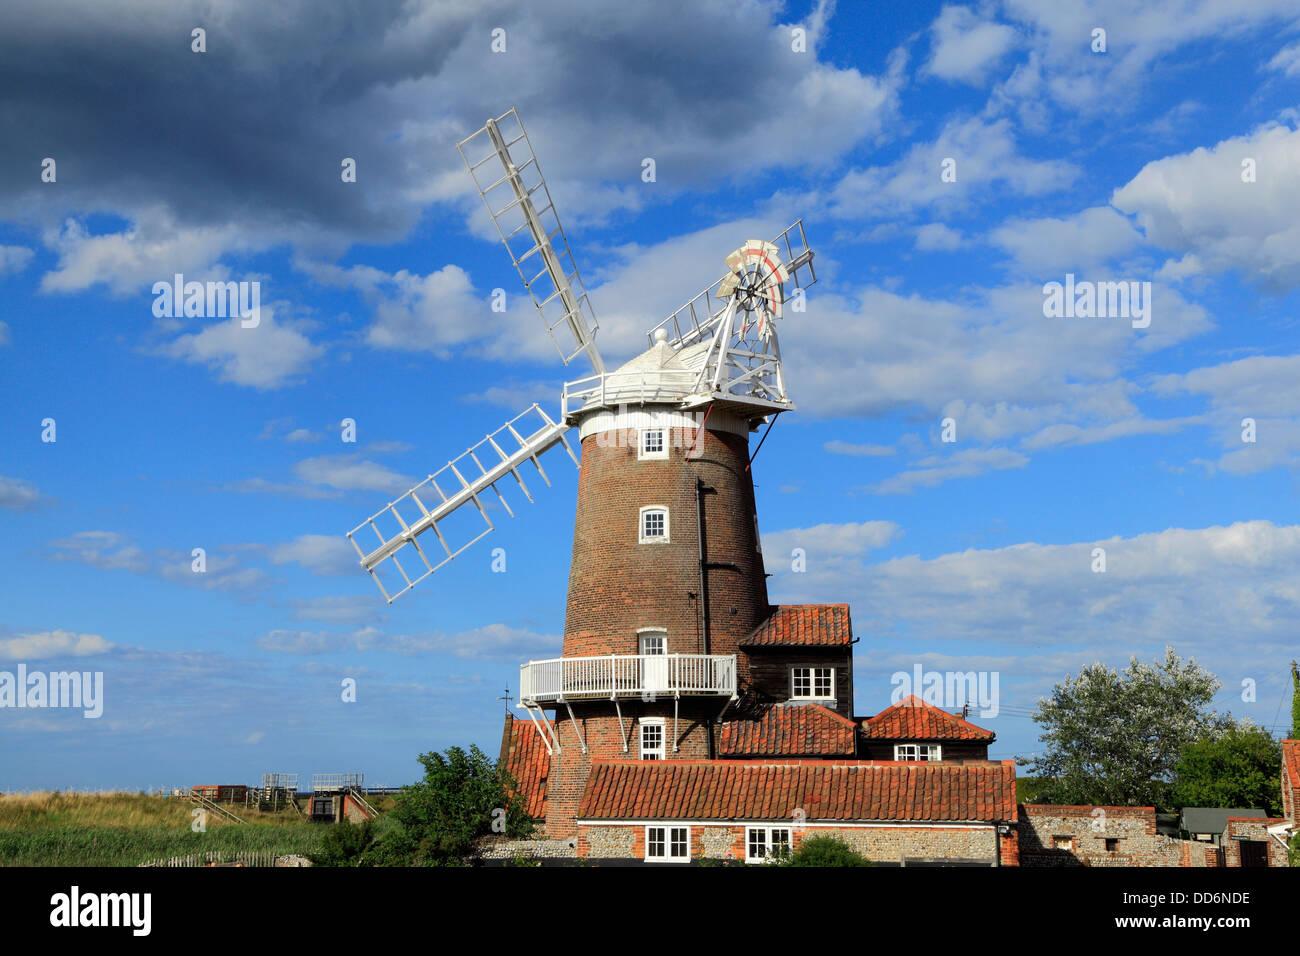 Cley accanto al mare, torre in mattoni e il mulino a vento di cappuccio, Norfolk, Inghilterra Inglese Regno Unito Immagini Stock